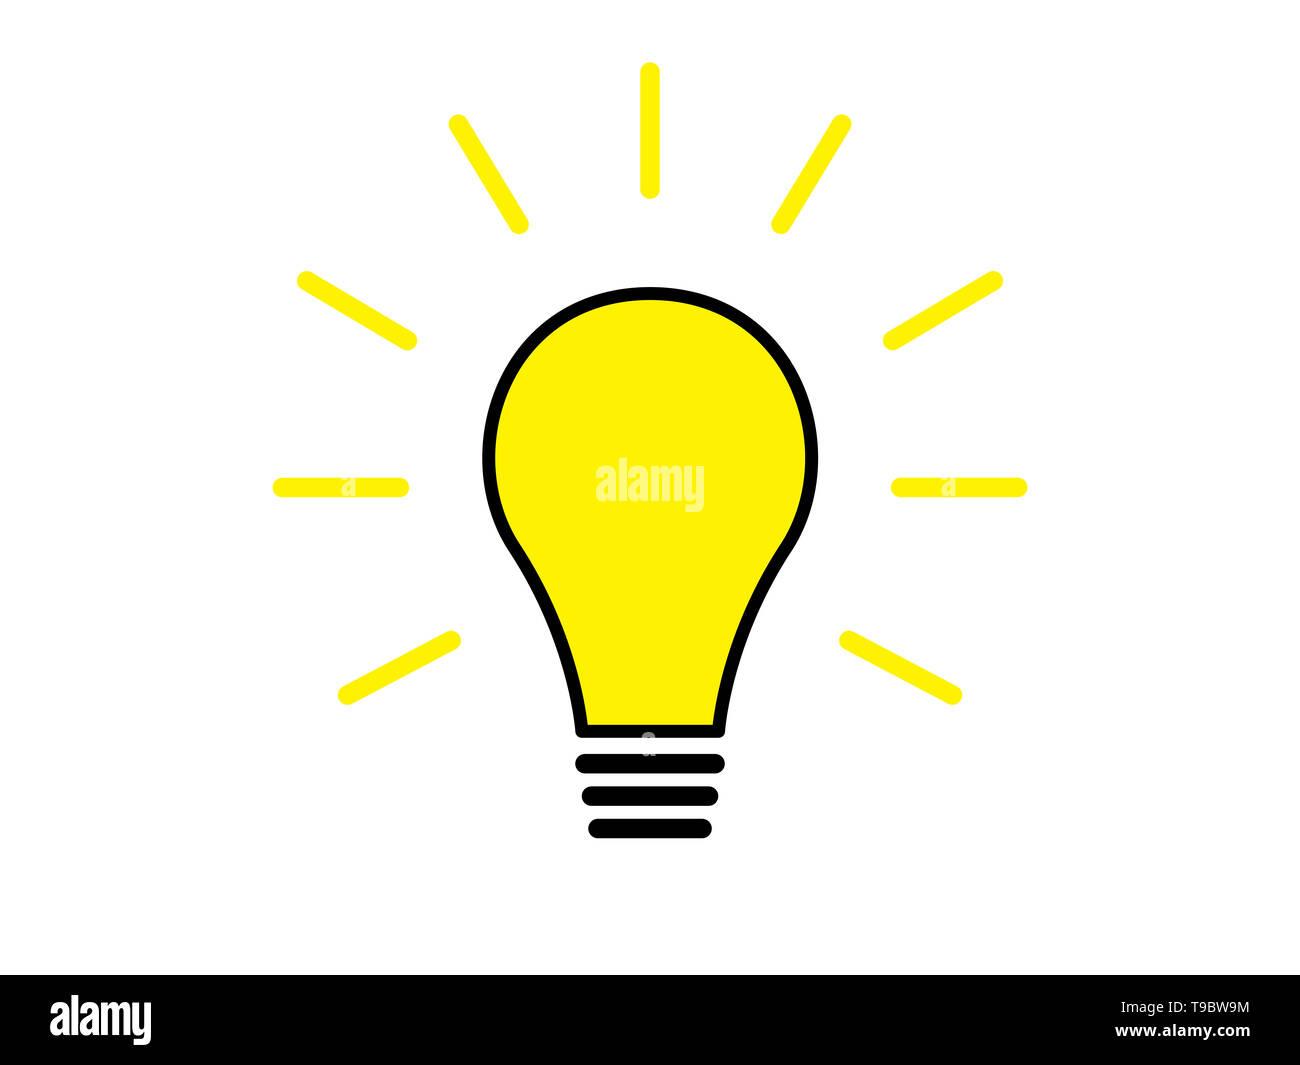 Light bulb shining illustration isolated on white background - Stock Image